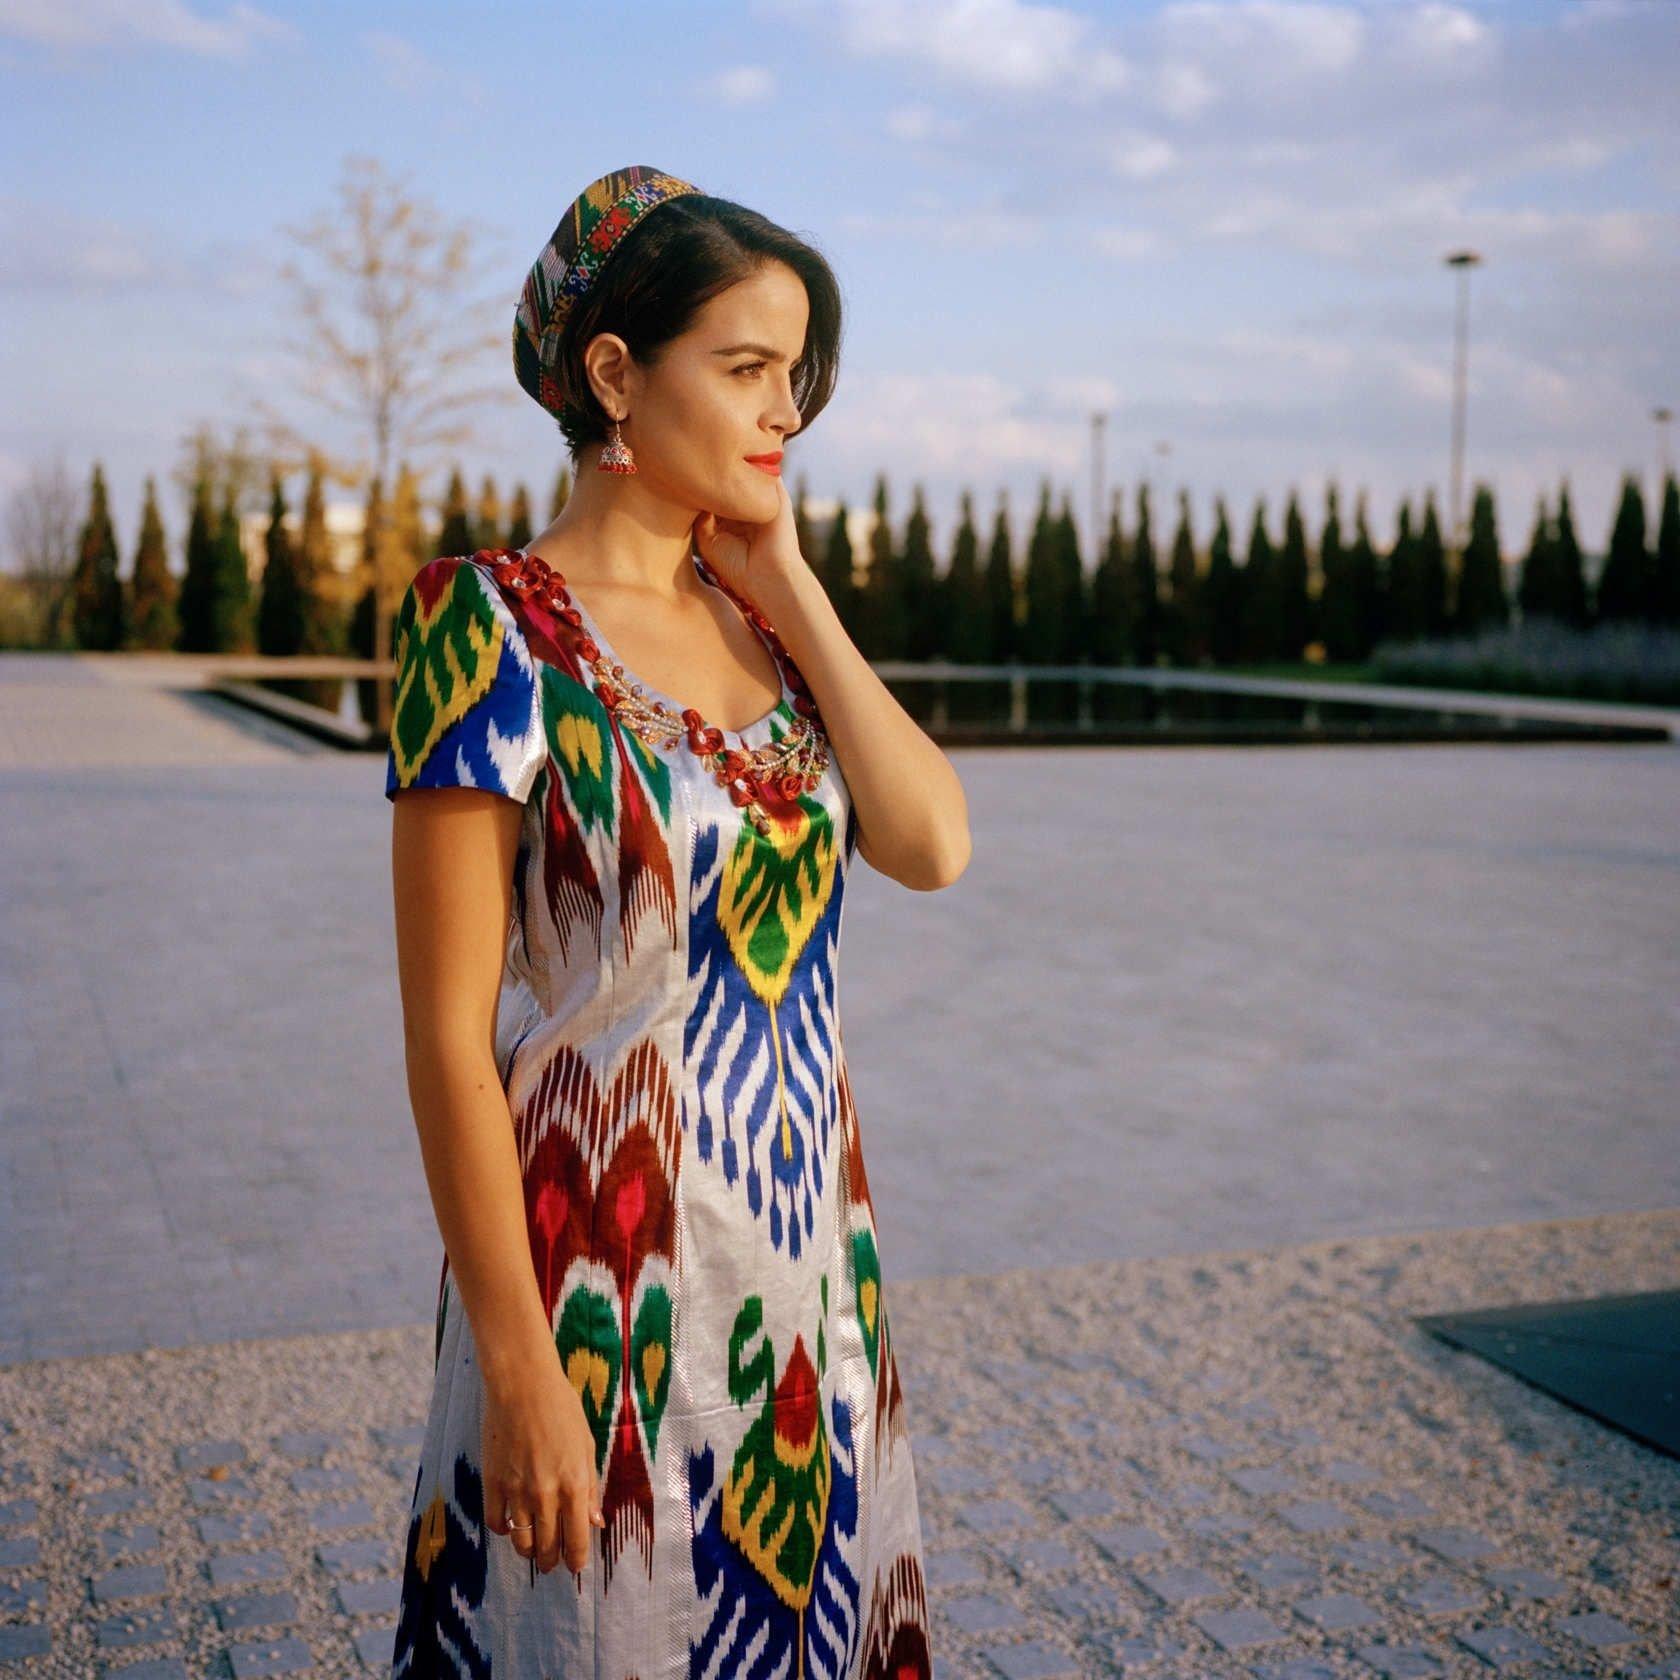 нужно платья из адреса в узбекистане фото мир счастья отворится